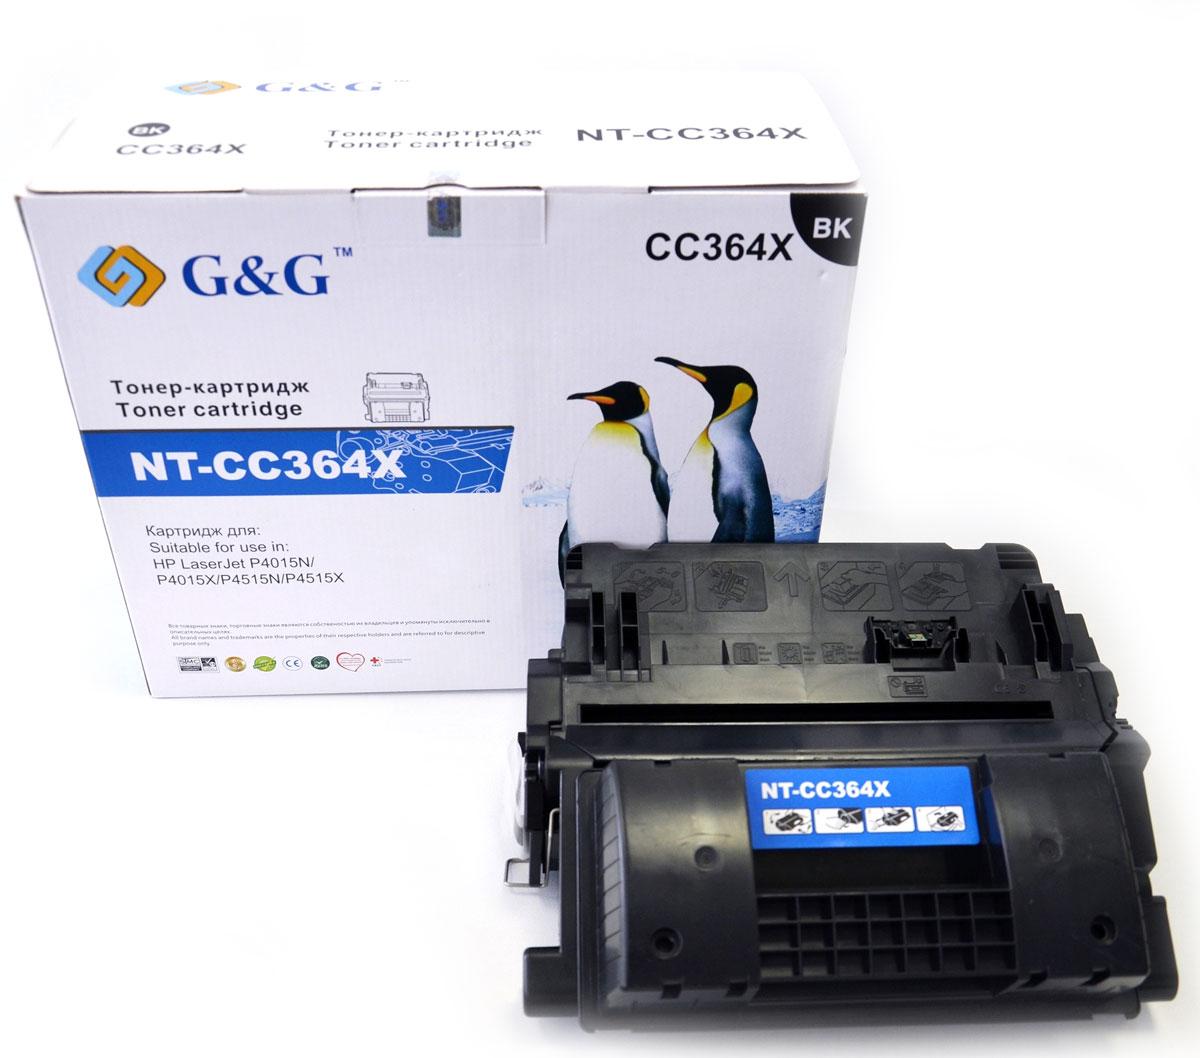 G&G NT-CC364X тонер-картридж для HP laserJet P4015N/P4015X/P4515N/P4515XNT-CC364XКартридж G&G NT-CC364X для лазерных принтеров HP LaserJet P4015N/P4015X/P4515N/P4515X.Расходные материалы G&G для лазерной печати максимизируют характеристики принтера. Обеспечивают повышенную чёткость чёрного текста и плавность переходов оттенков серого цвета и полутонов, позволяют отображать мельчайшие детали изображения. Обеспечивают надежное качество печати.